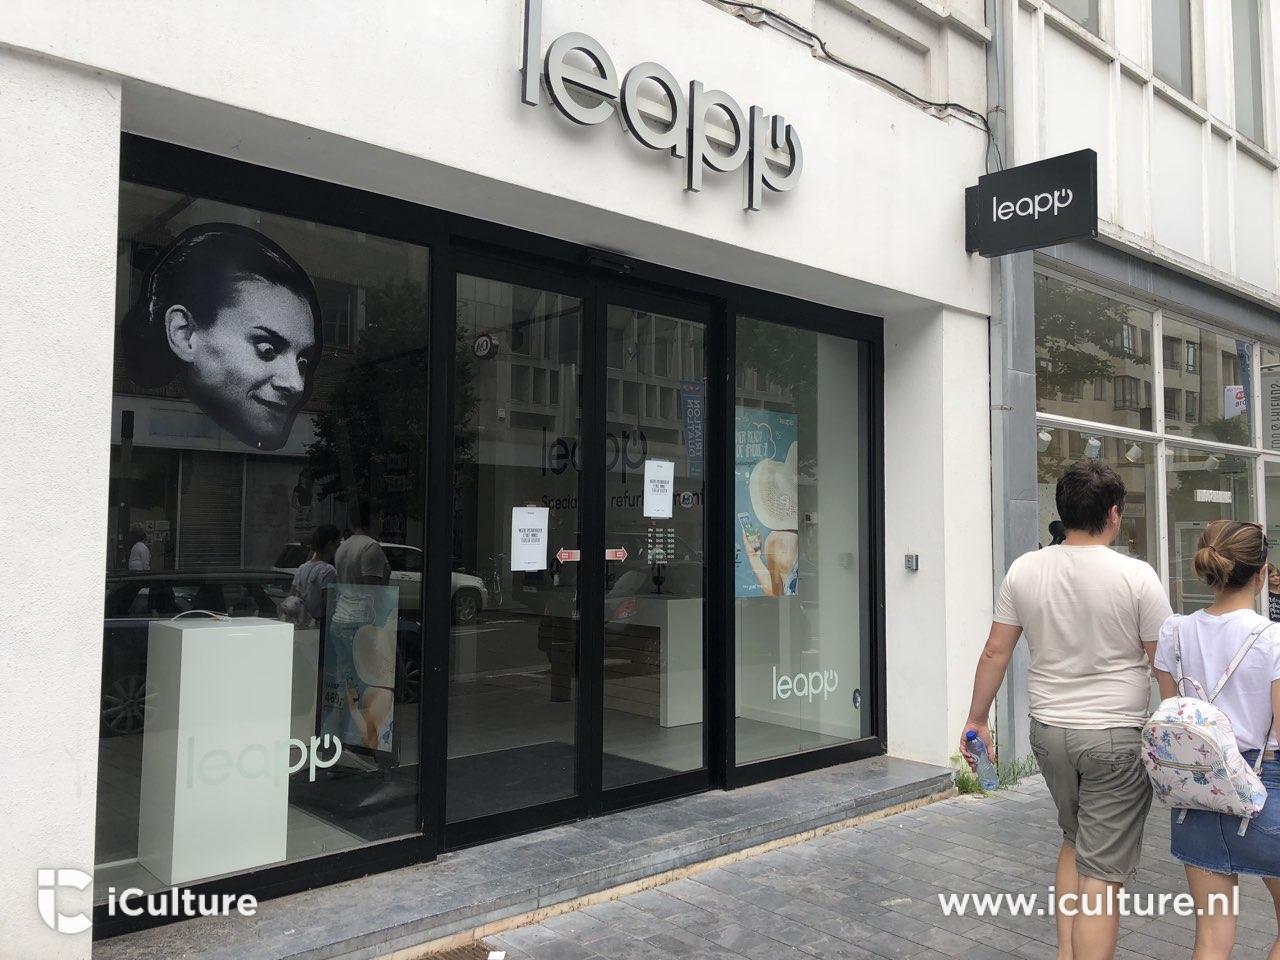 Leapp-winkels zijn gesloten (foto:iCulture)